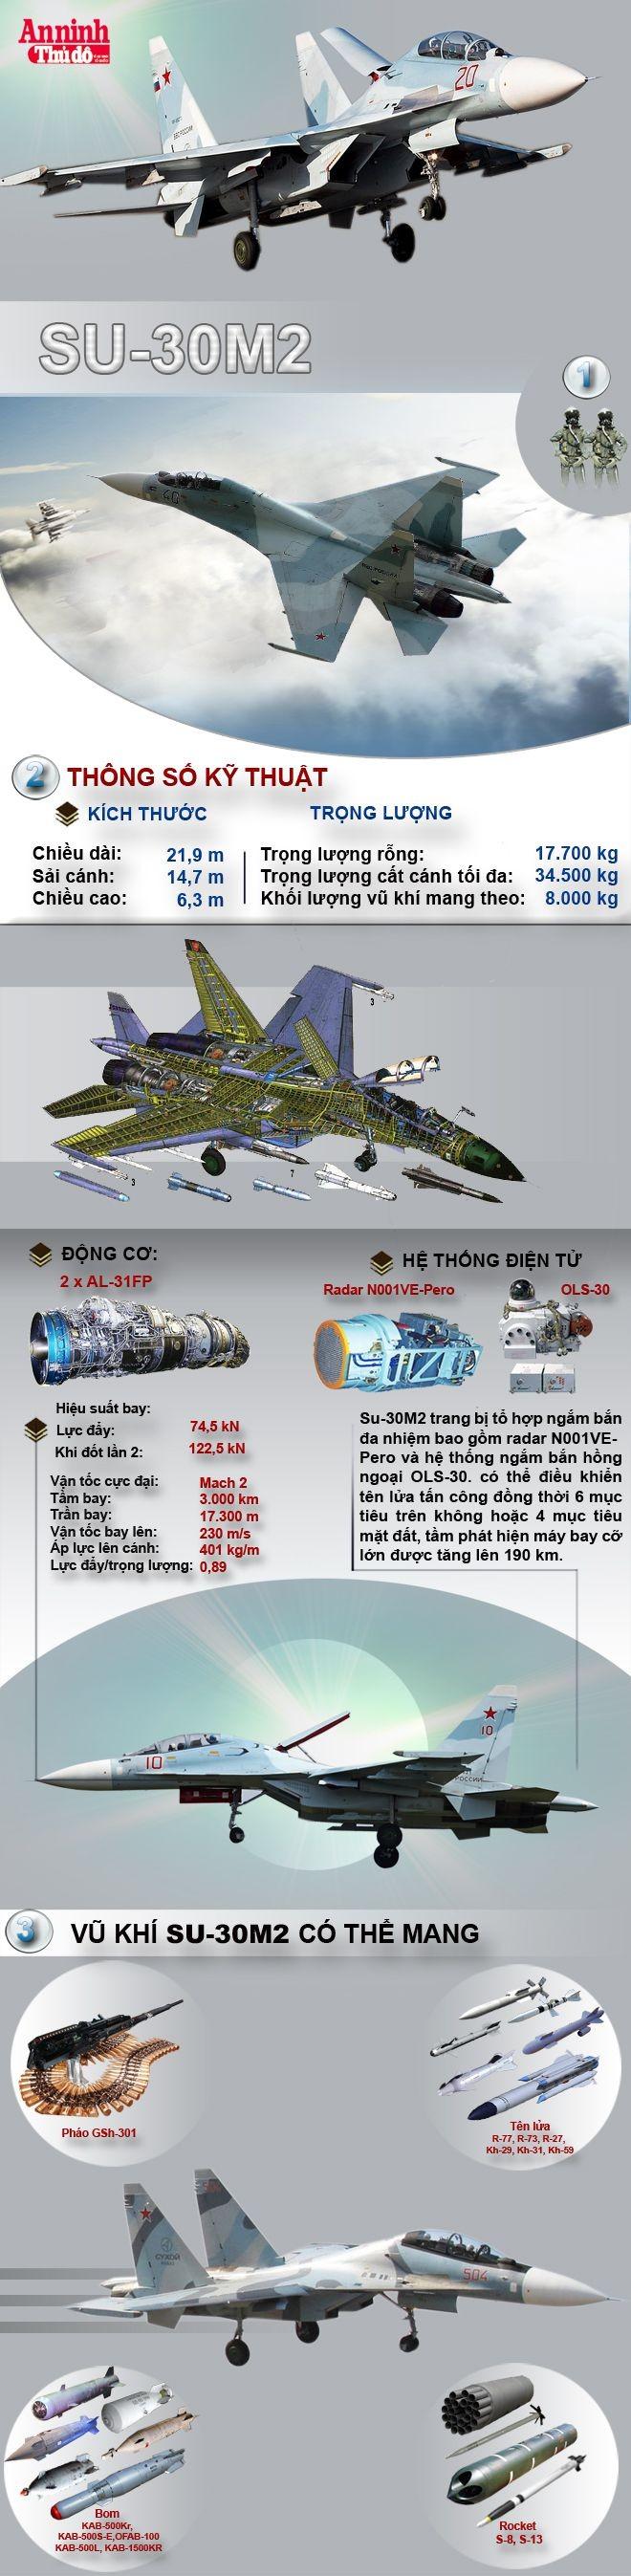 [Infographic] Su-30M2 - Tiêm kích sẽ thế chỗ Su-30MK2 trong không quân Việt Nam? ảnh 1